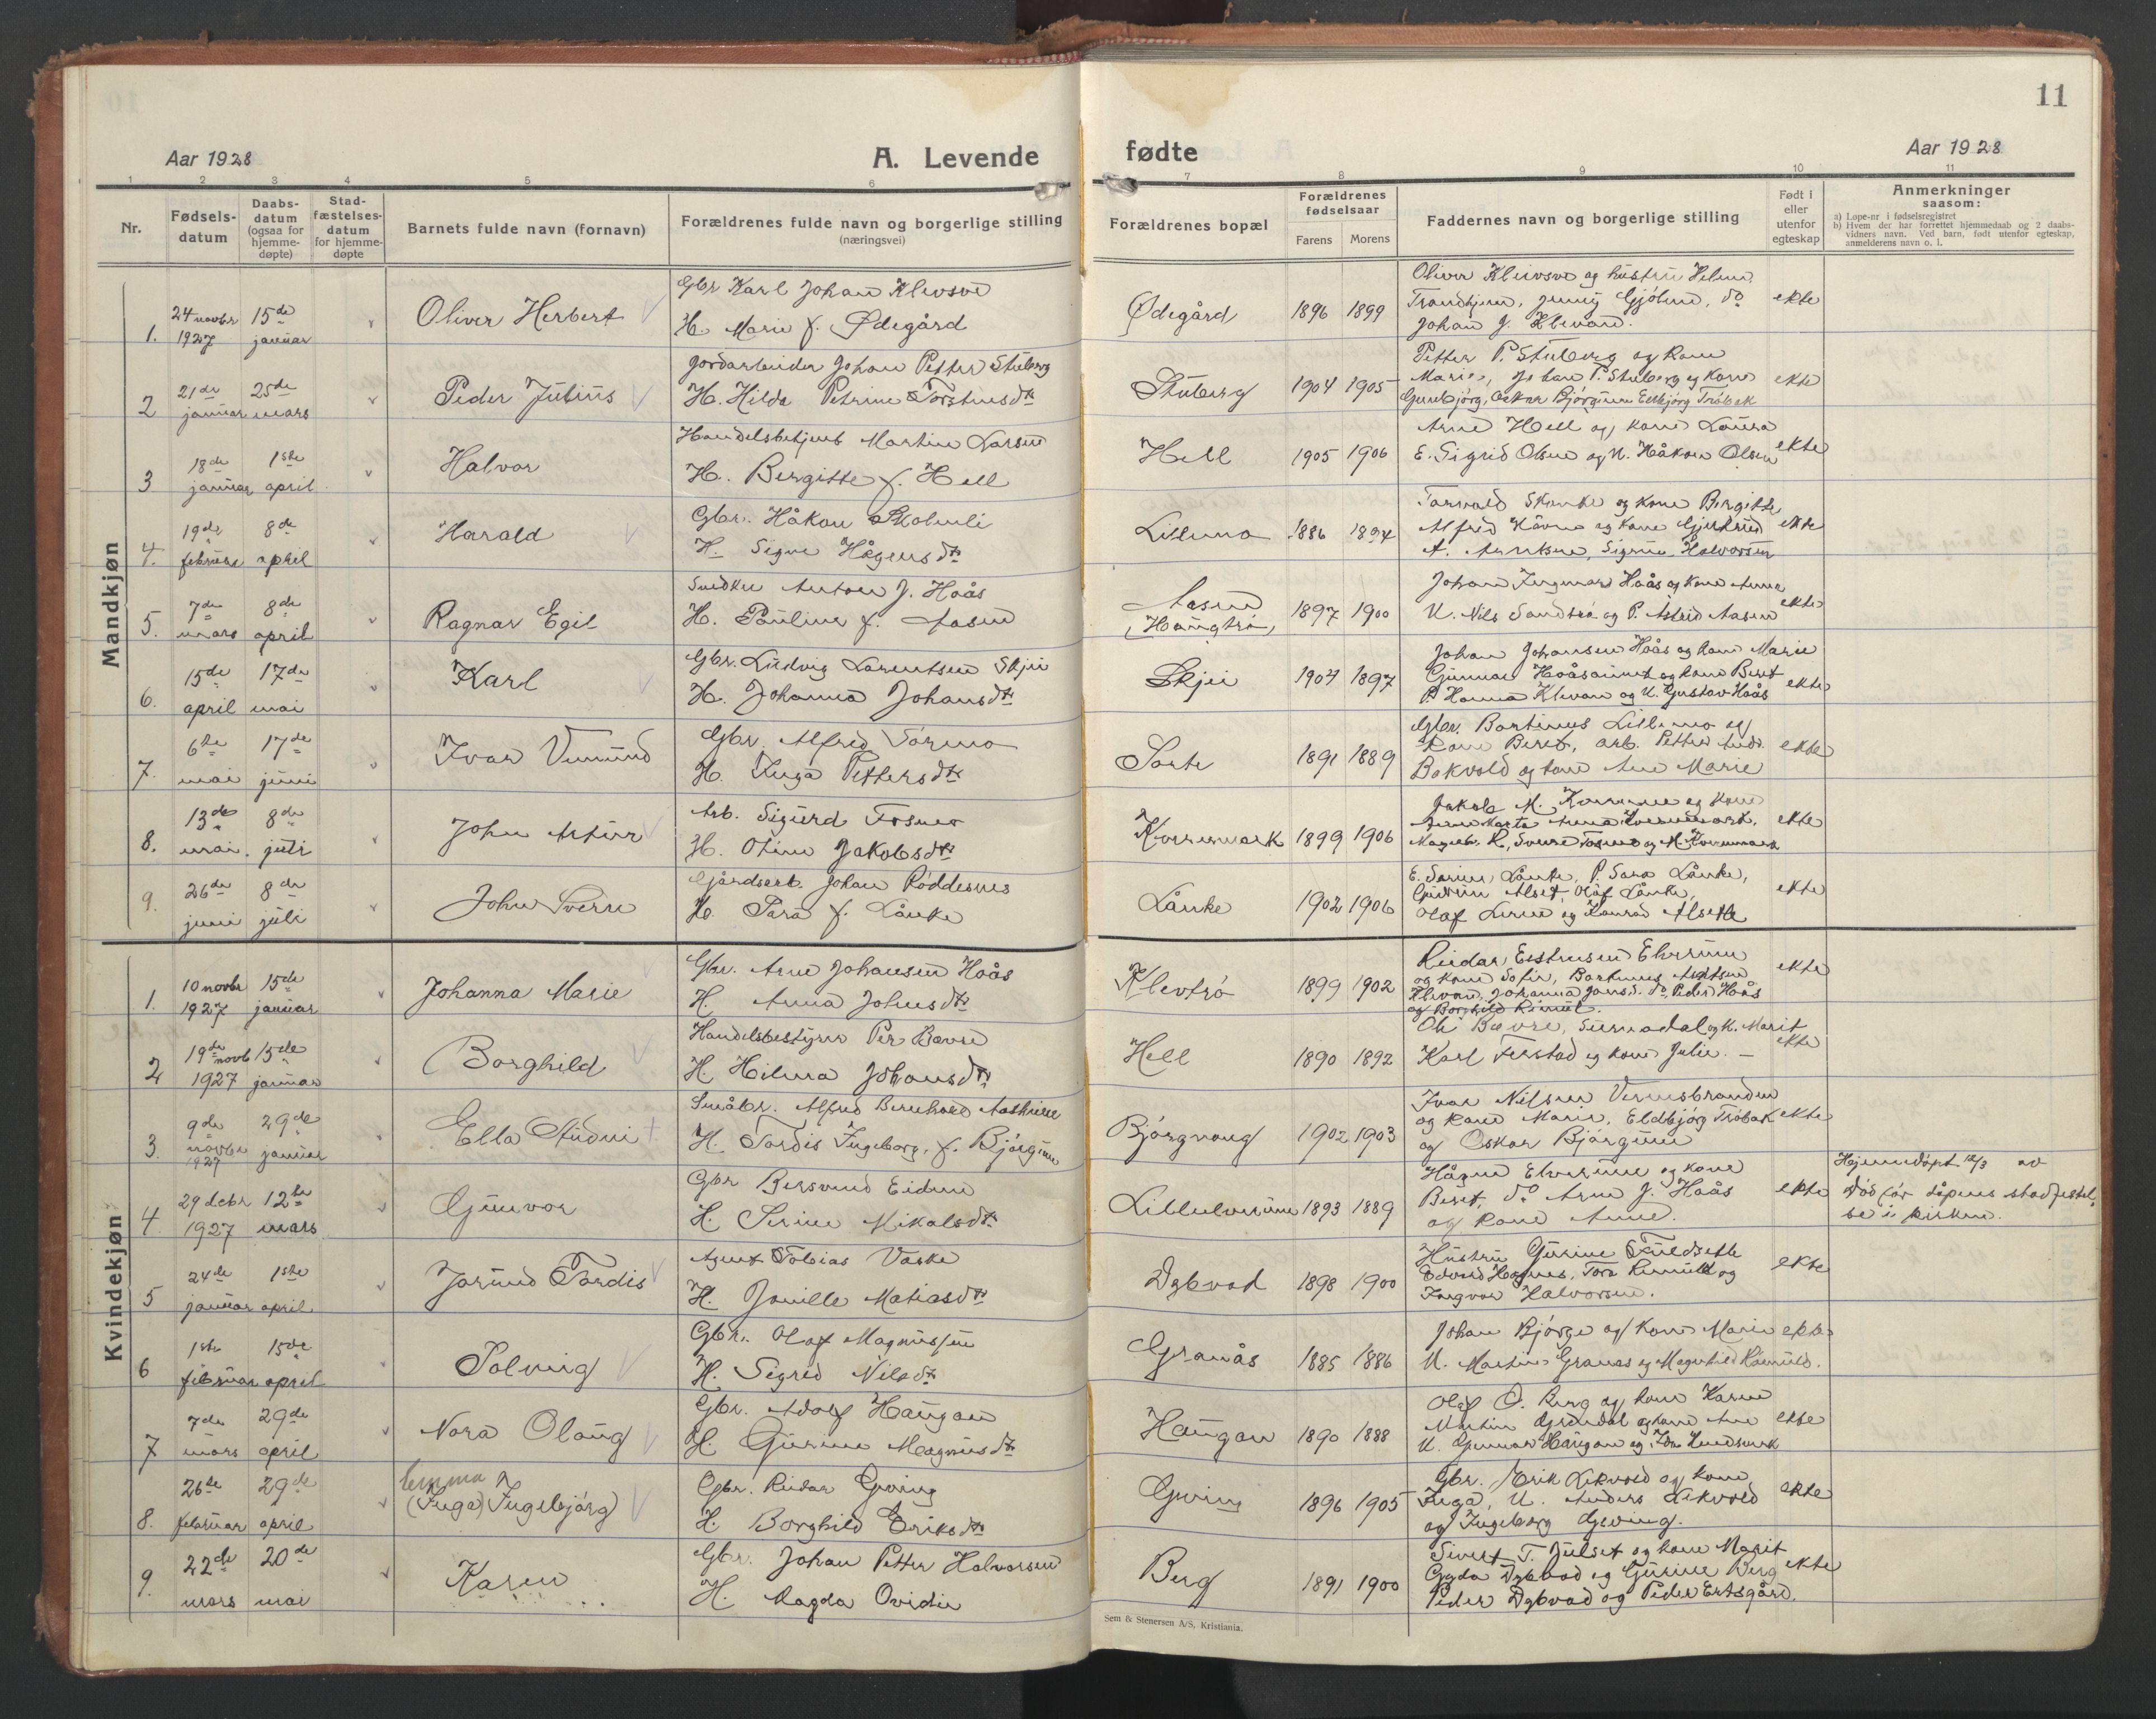 SAT, Ministerialprotokoller, klokkerbøker og fødselsregistre - Nord-Trøndelag, 710/L0097: Klokkerbok nr. 710C02, 1925-1955, s. 11